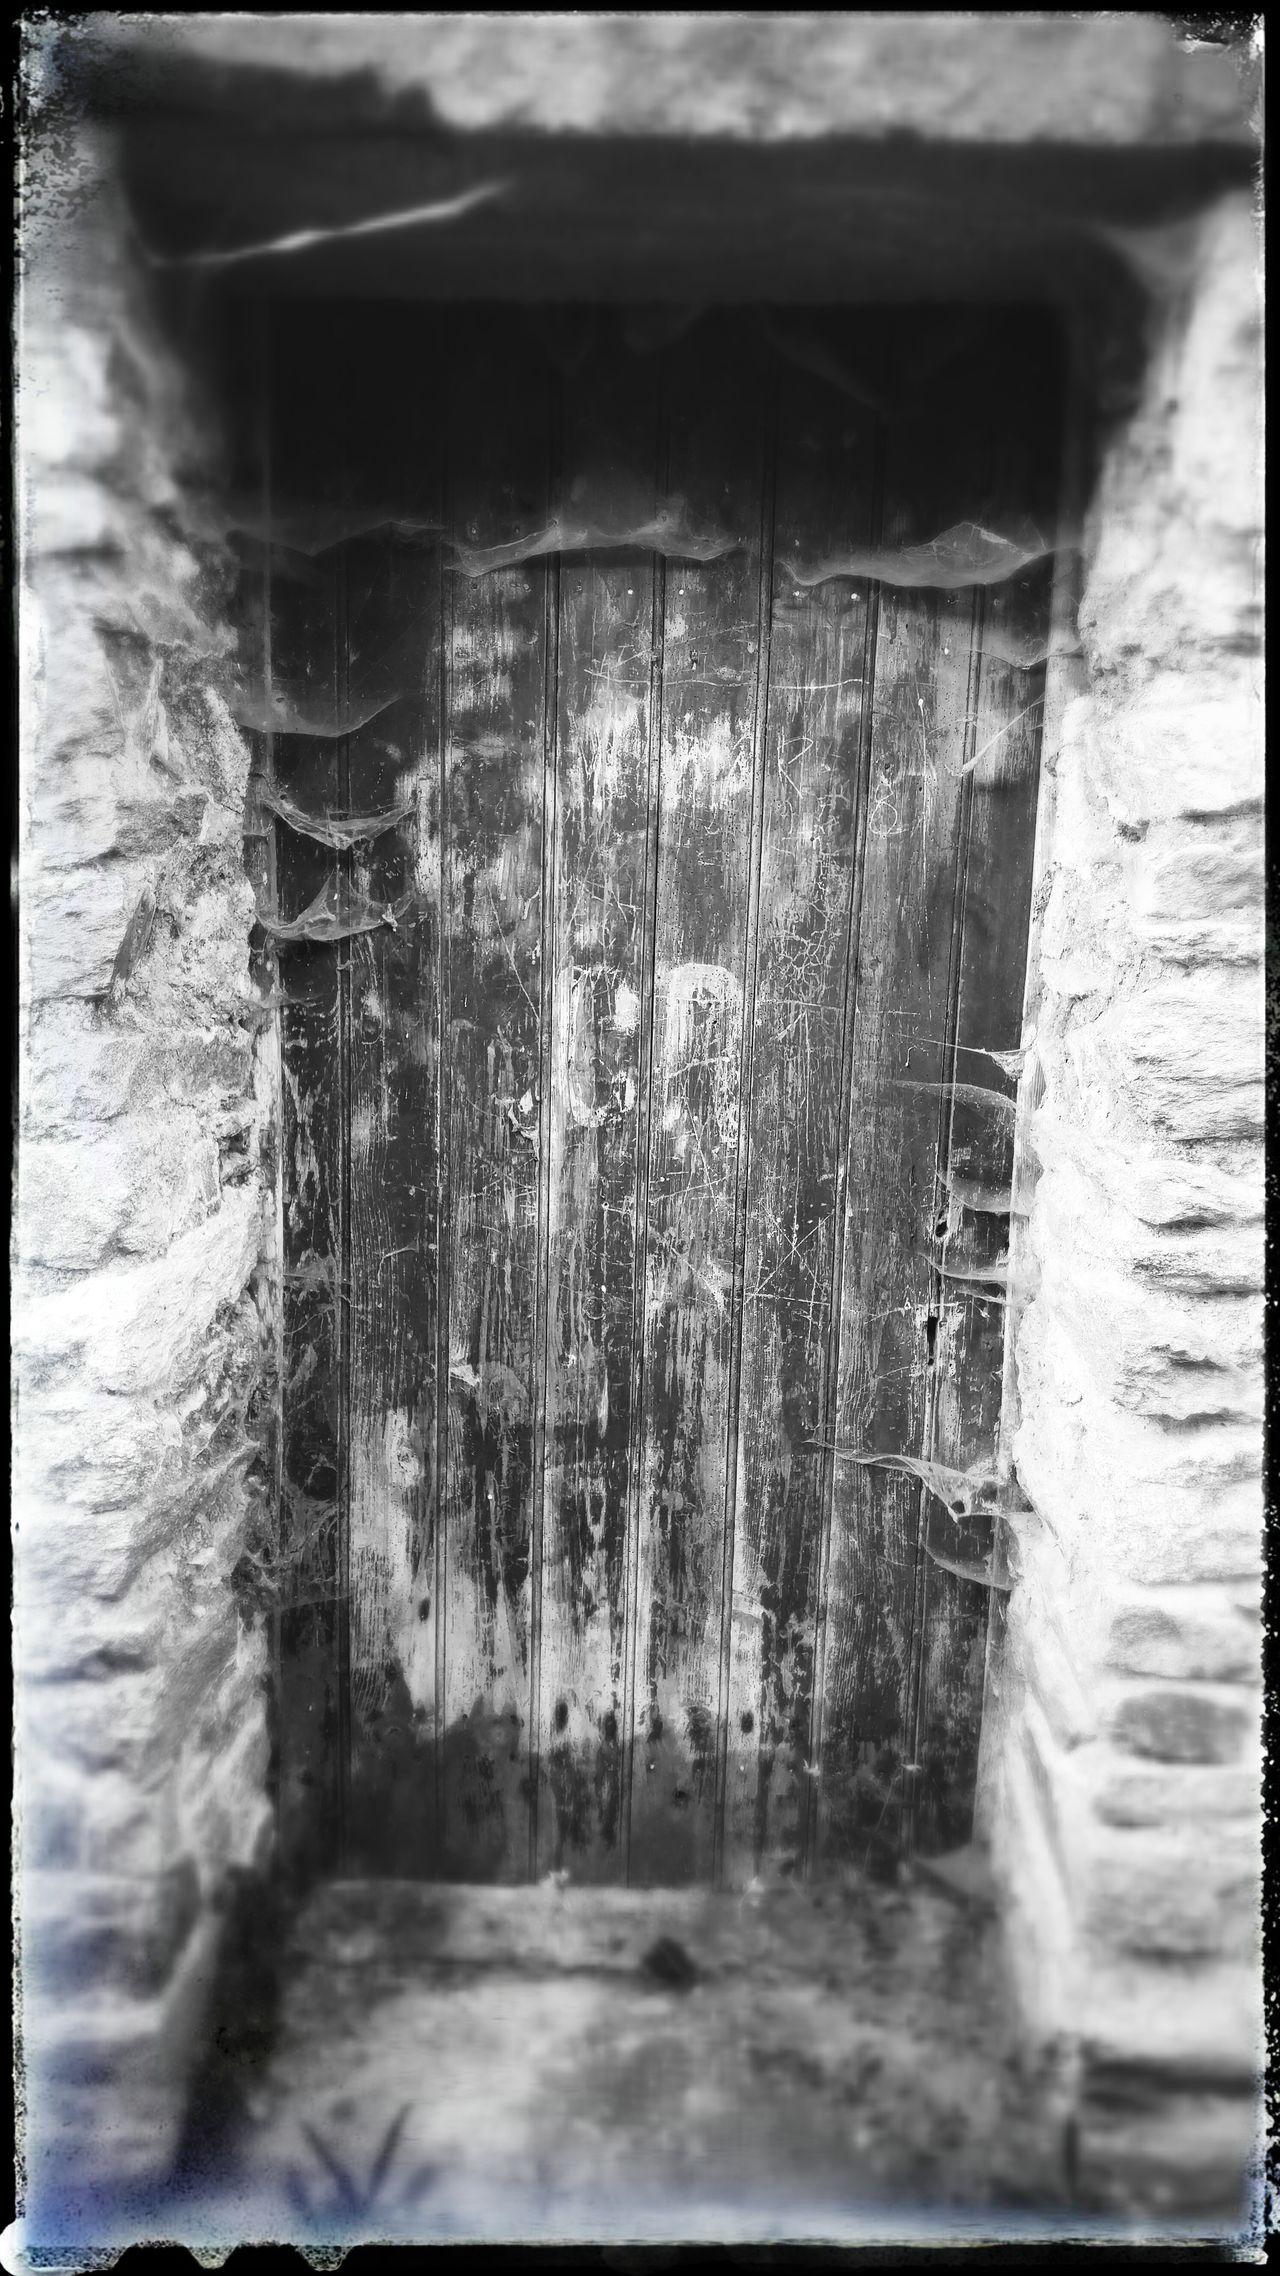 Haloweendoor Spidersweb Wooden Door Freaking Out a locked wired freaking wooden door..best start to feel the Haloween spirit